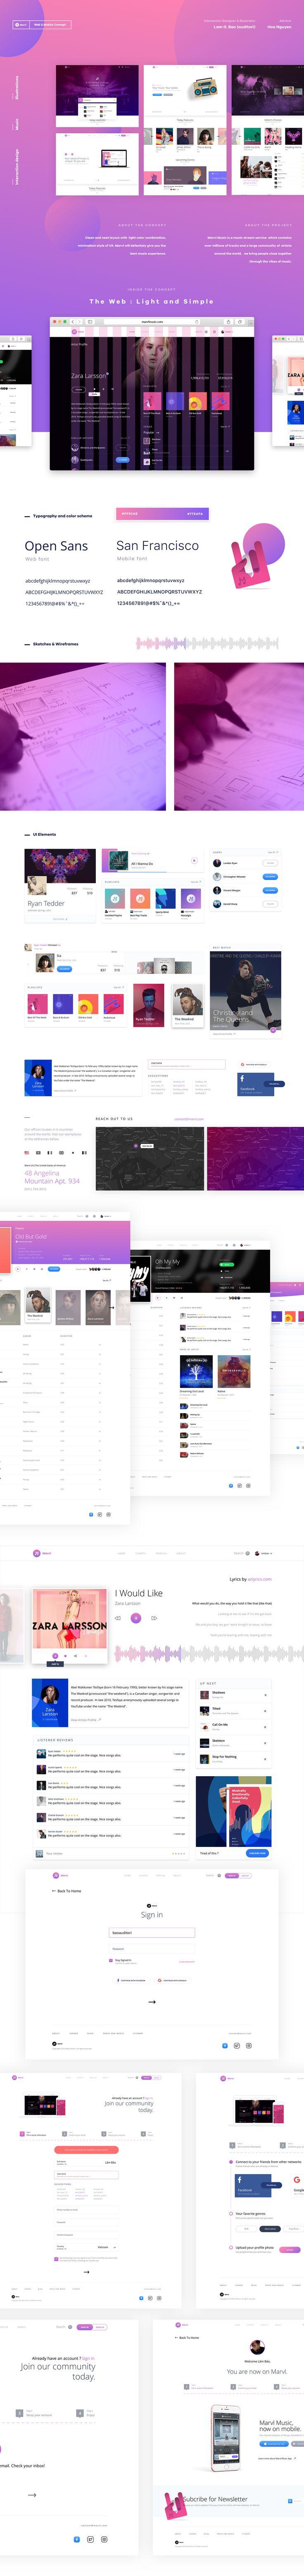 The best images about design platform on pinterest platform